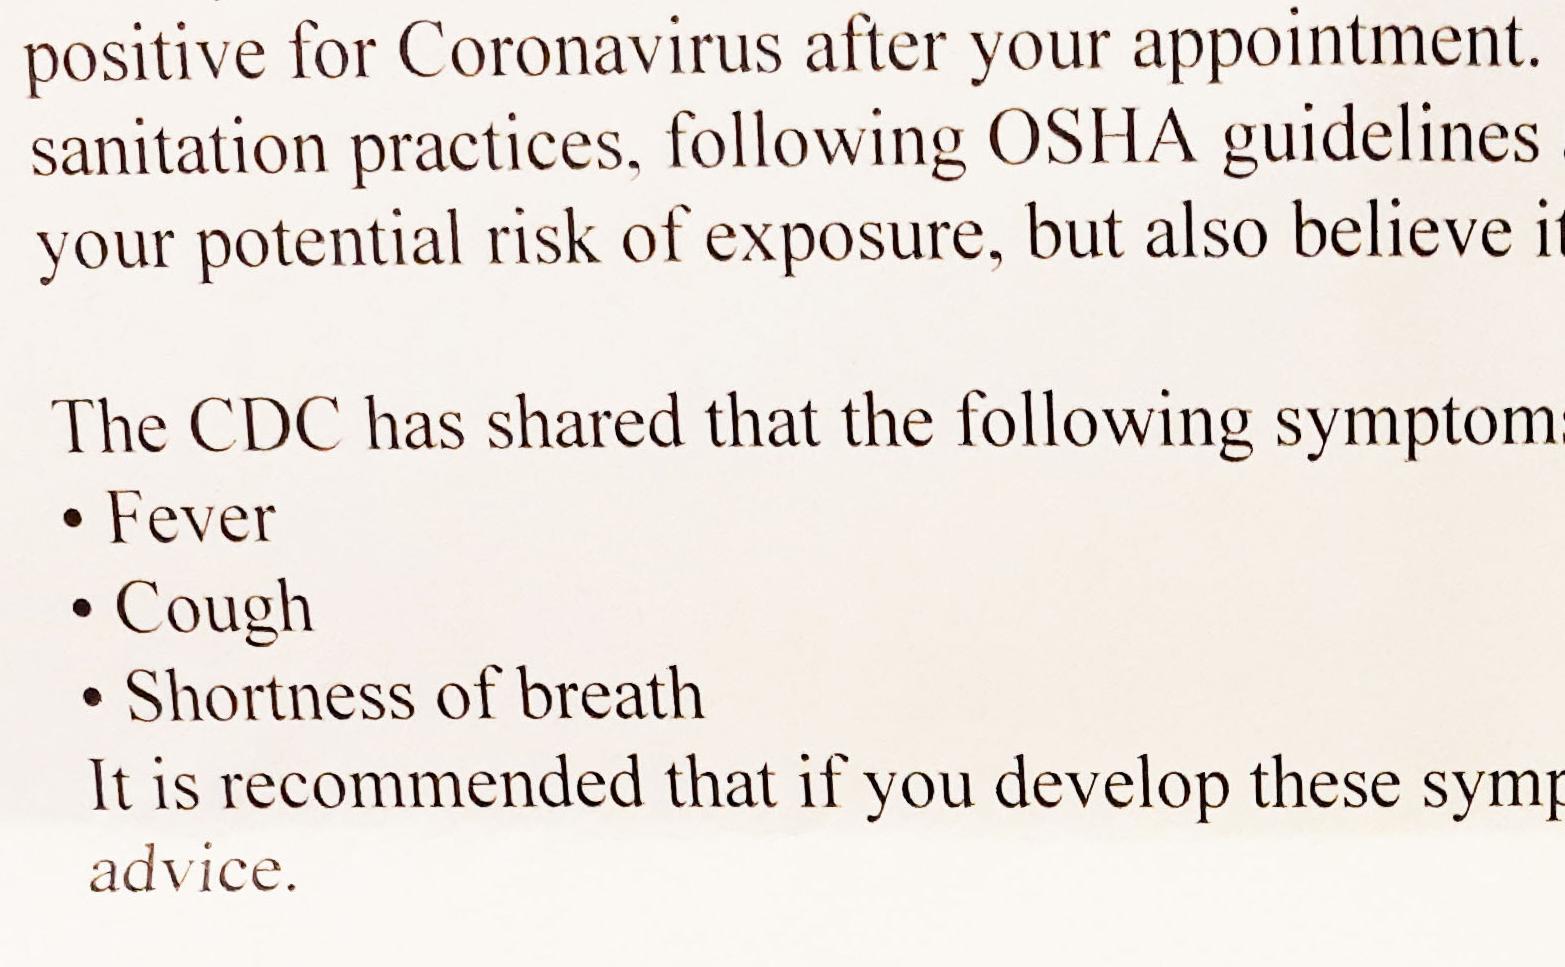 病院予約キャンセル、自己隔離、テイクアウト・・COVID-19禍で使う電話英会話